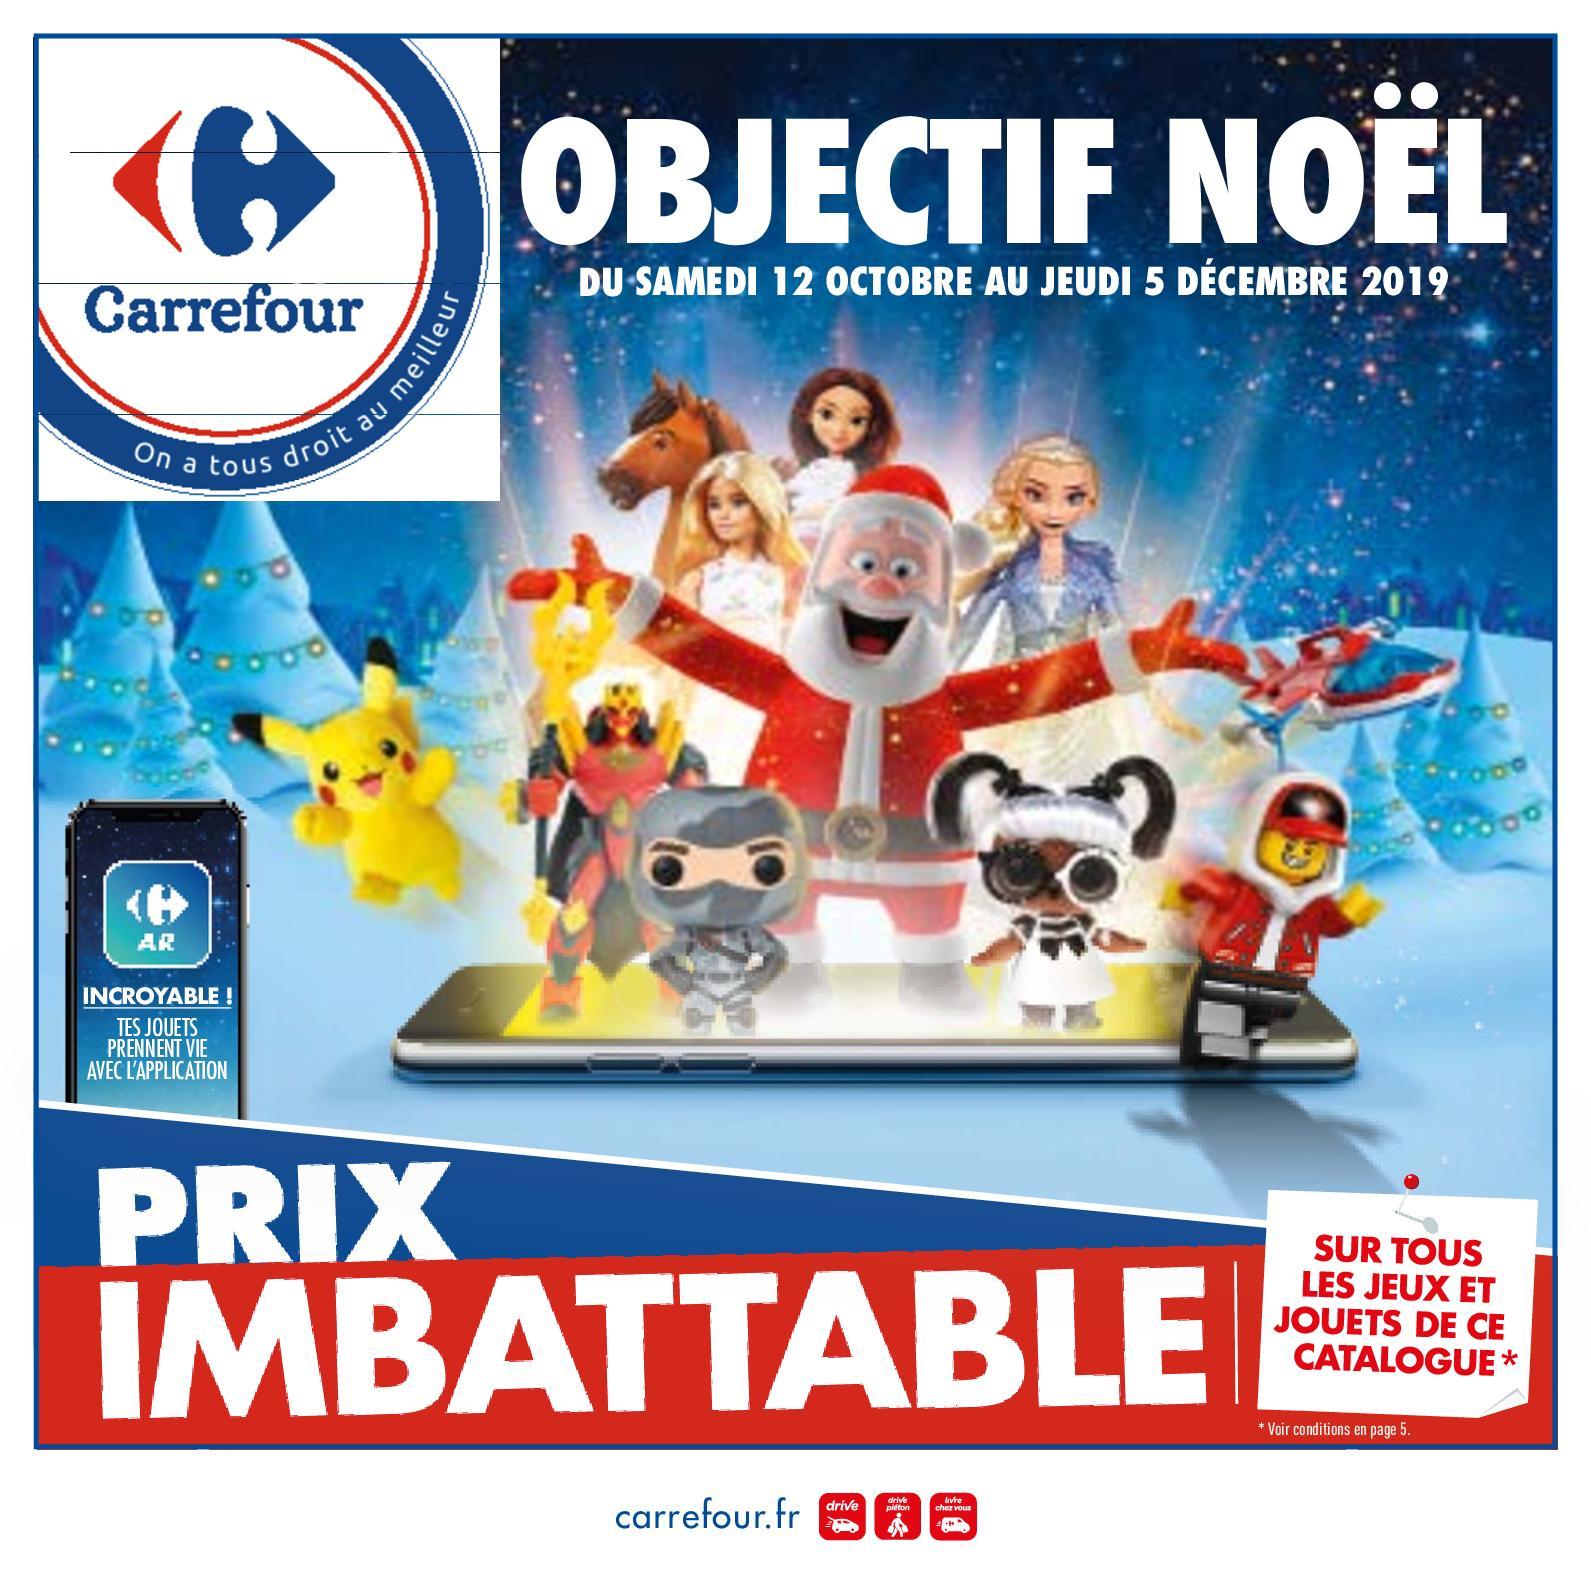 Calaméo - Catalogue Jouets Hypermarchés Carrefour tout Couche Piscine Carrefour